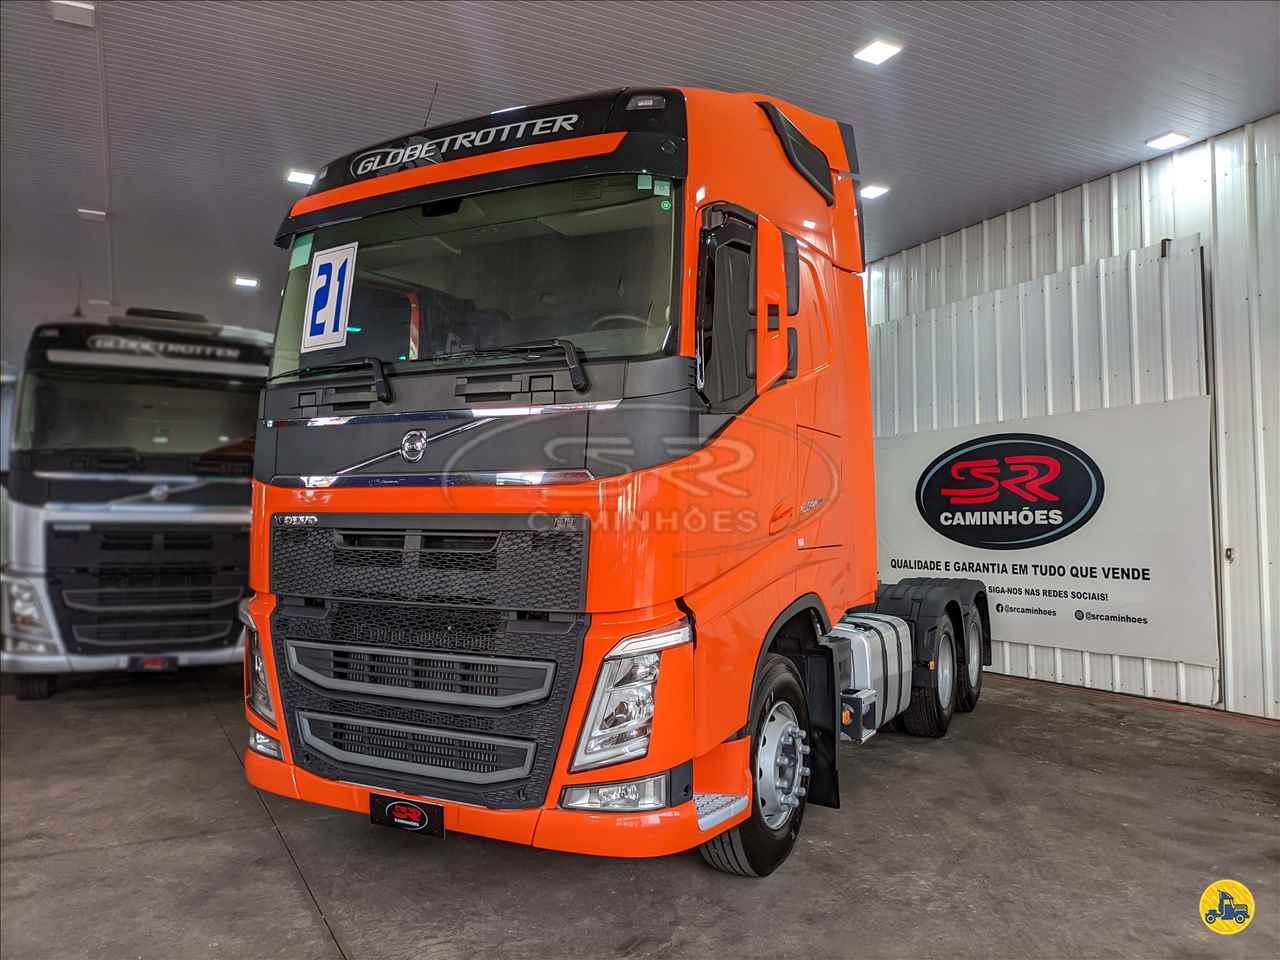 VOLVO FH 540 de S R Caminhões - LUCAS DO RIO VERDE/MT